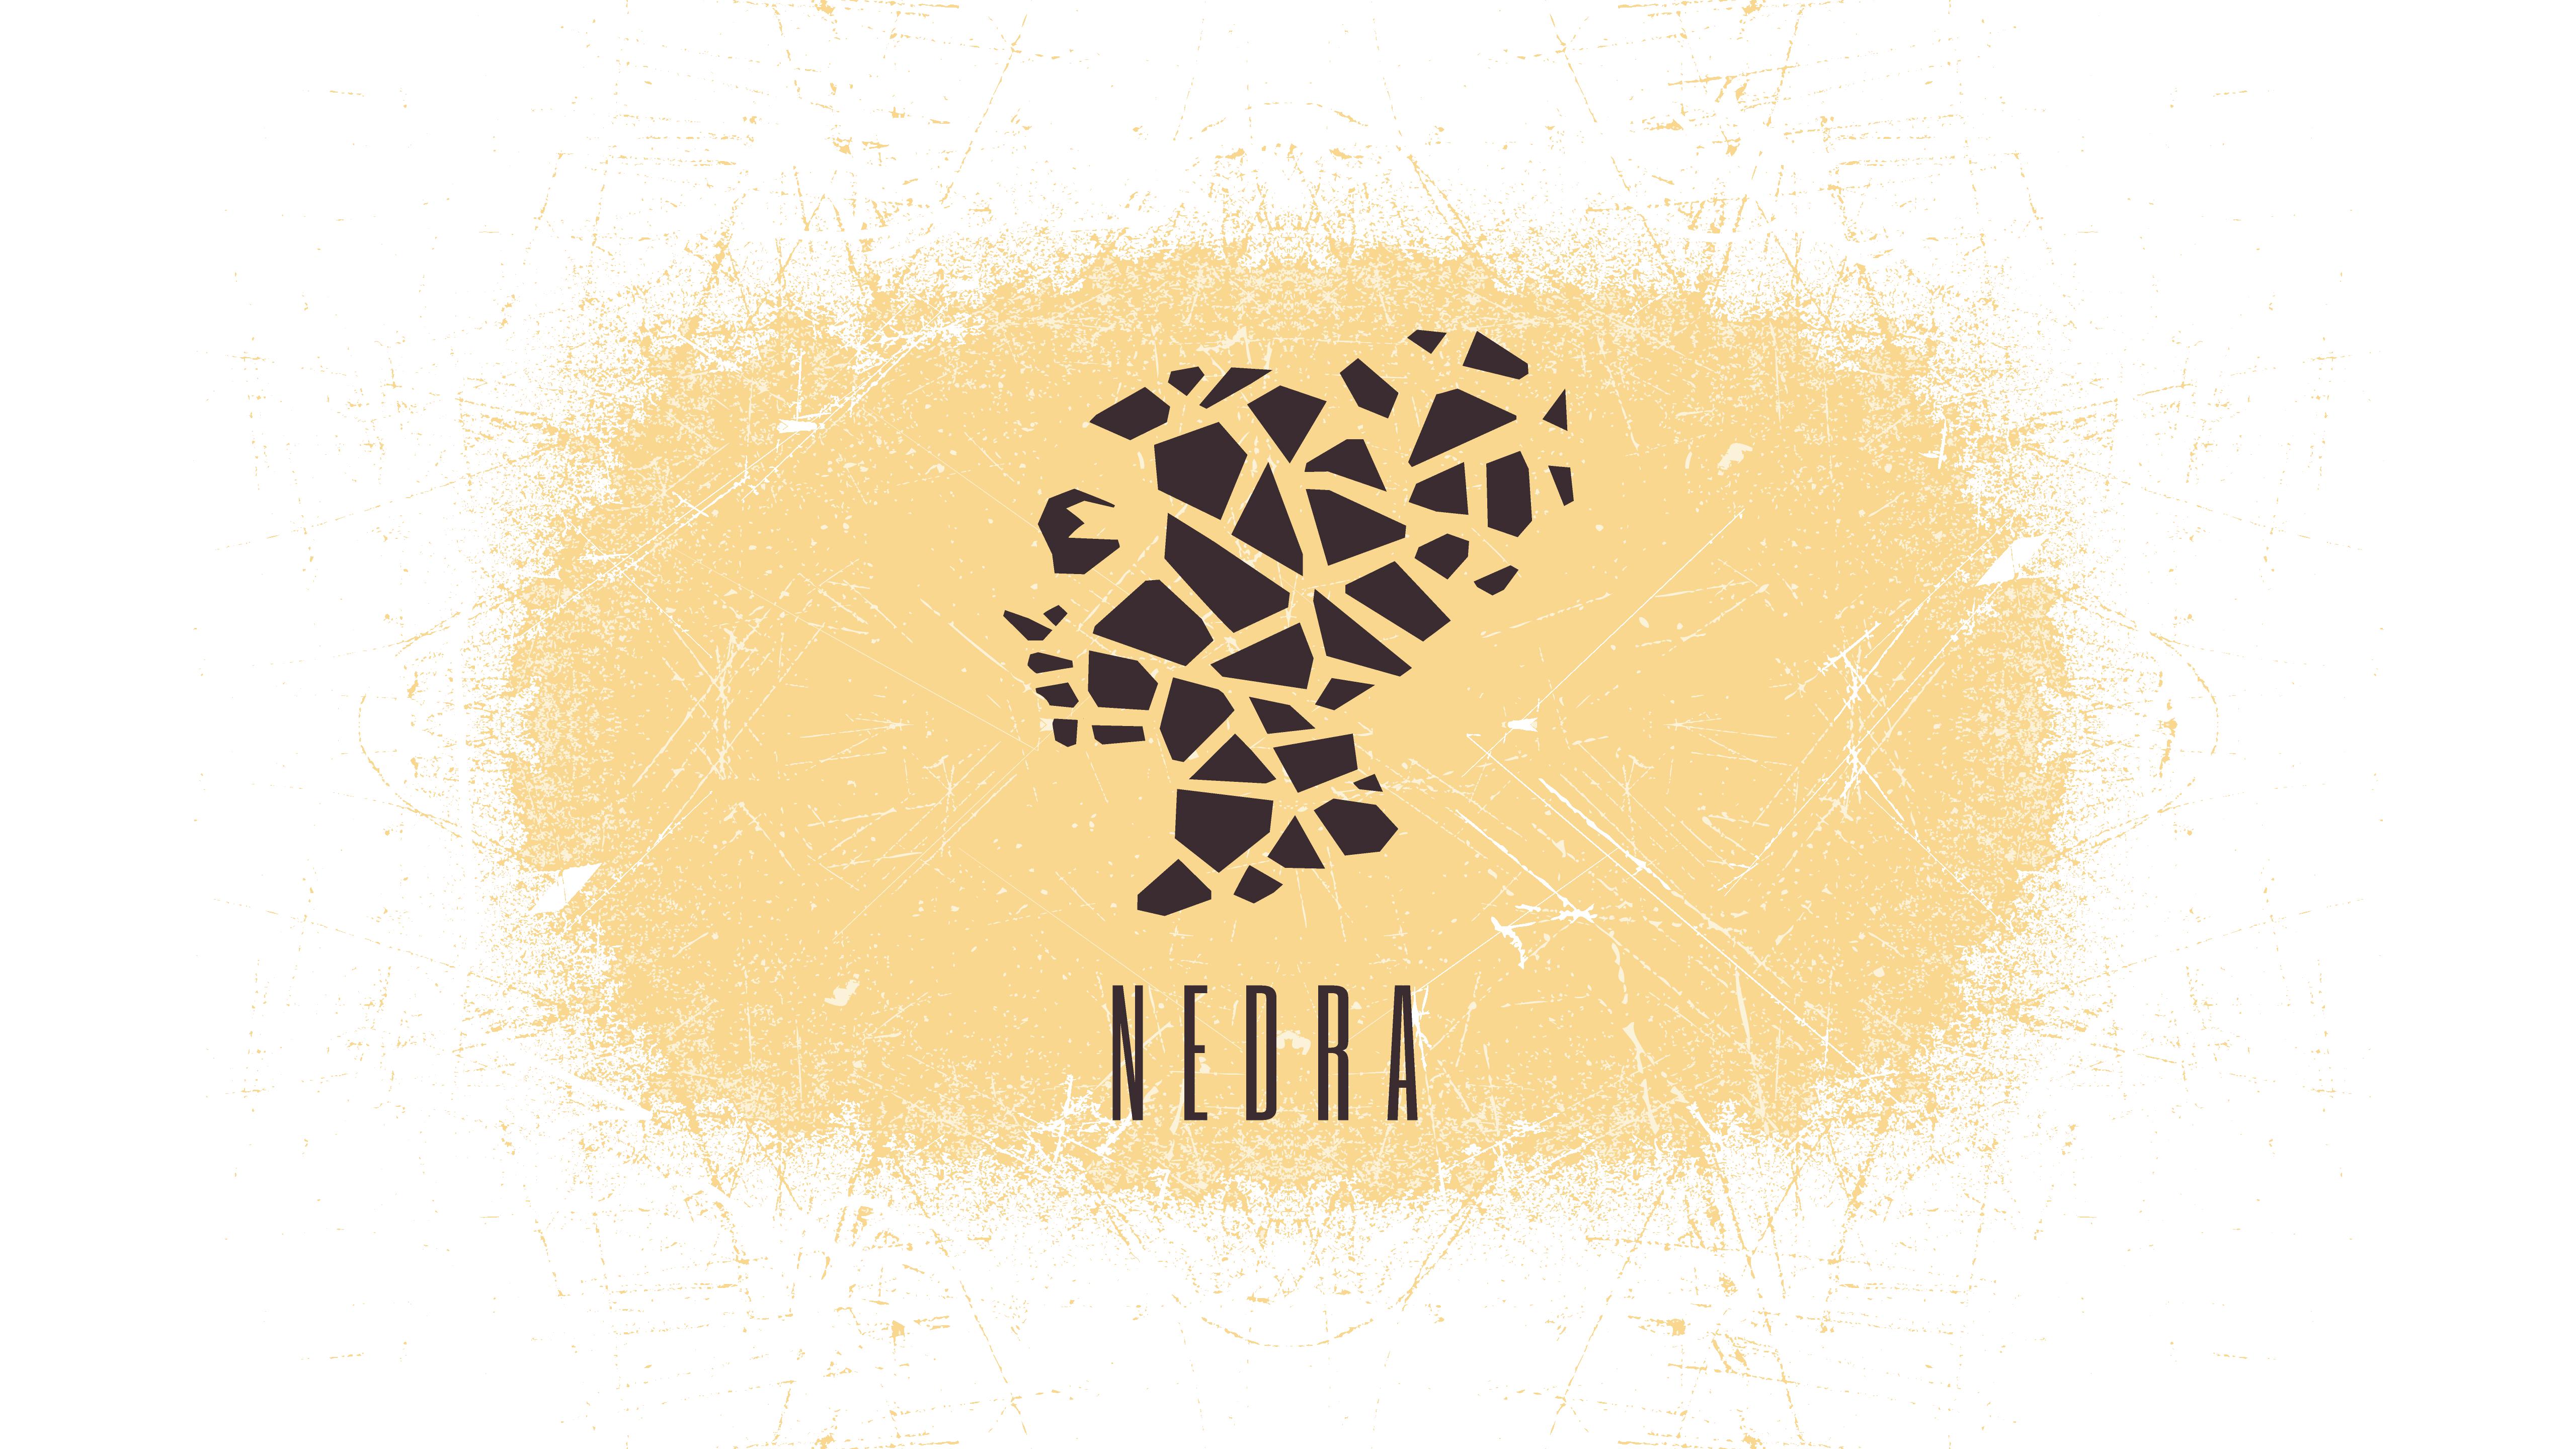 NEDRA